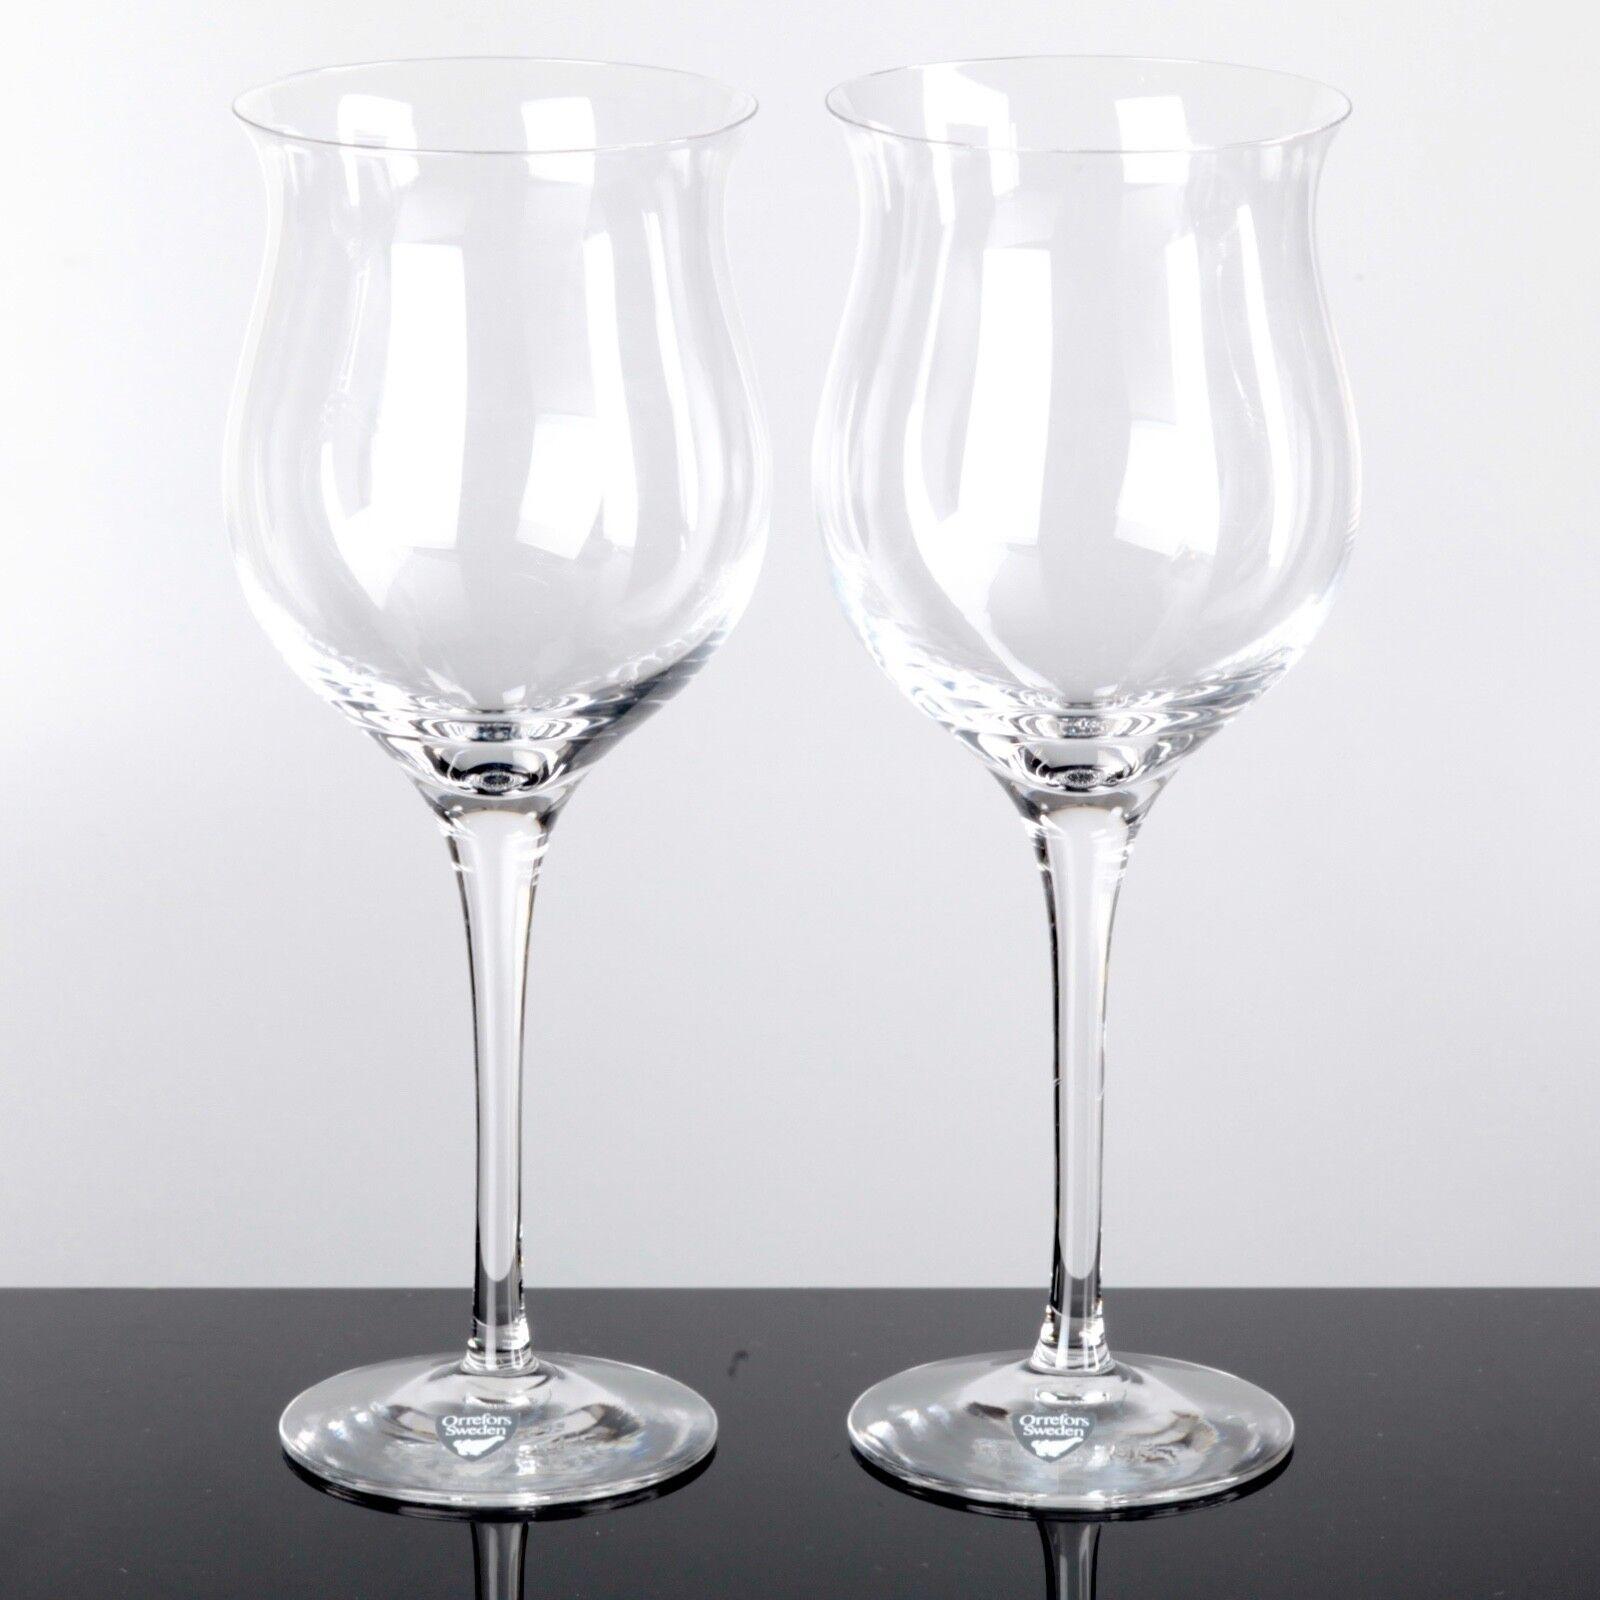 2 Rotweingläser Weingläser Orrefors Sweden LISA Gläser 20,5 cm